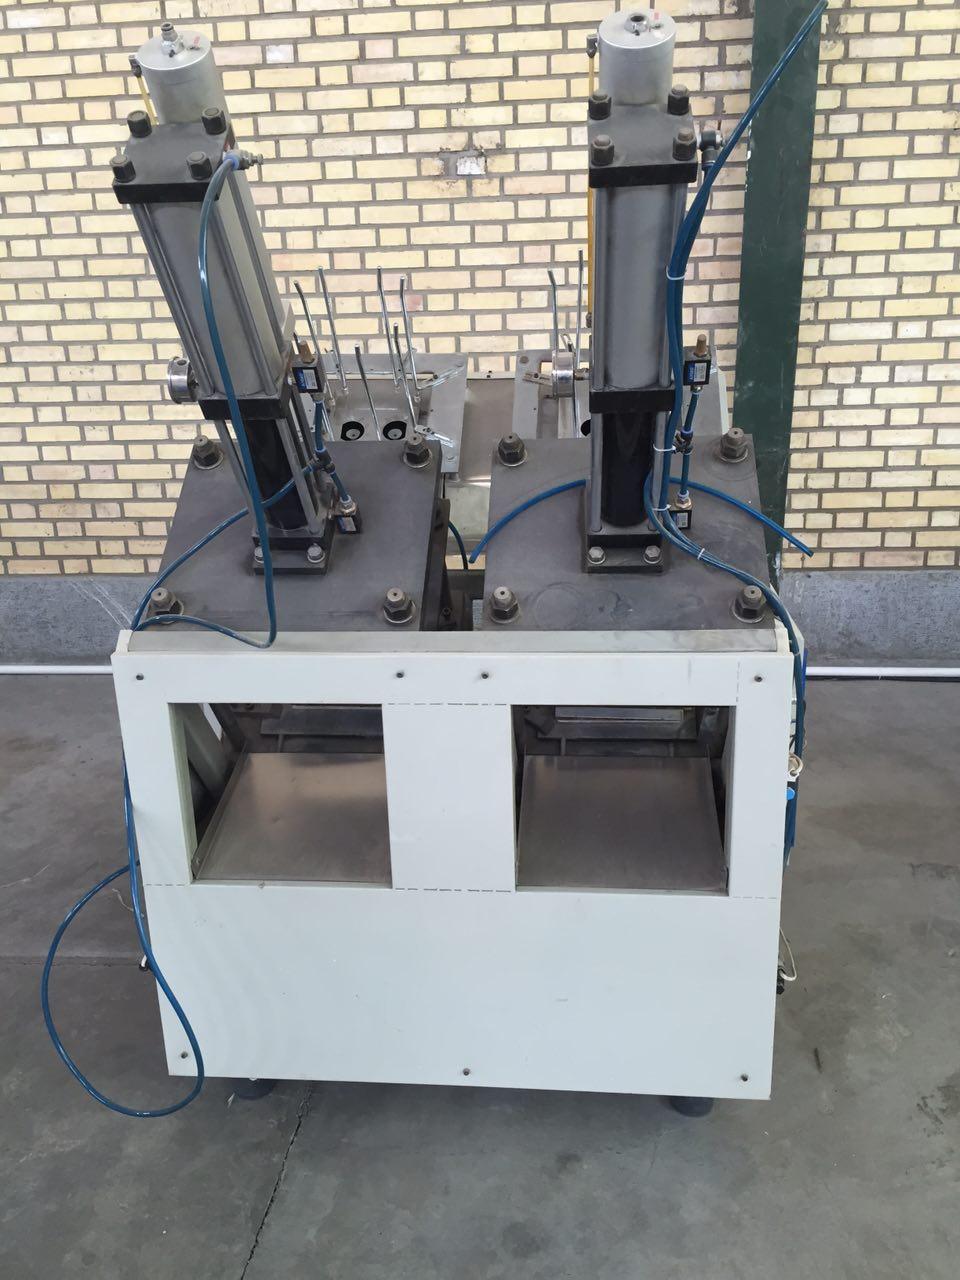 تولید ظروف - ماشین آلات صنعتی – stockmachin- stockmachin.com812223965_78545